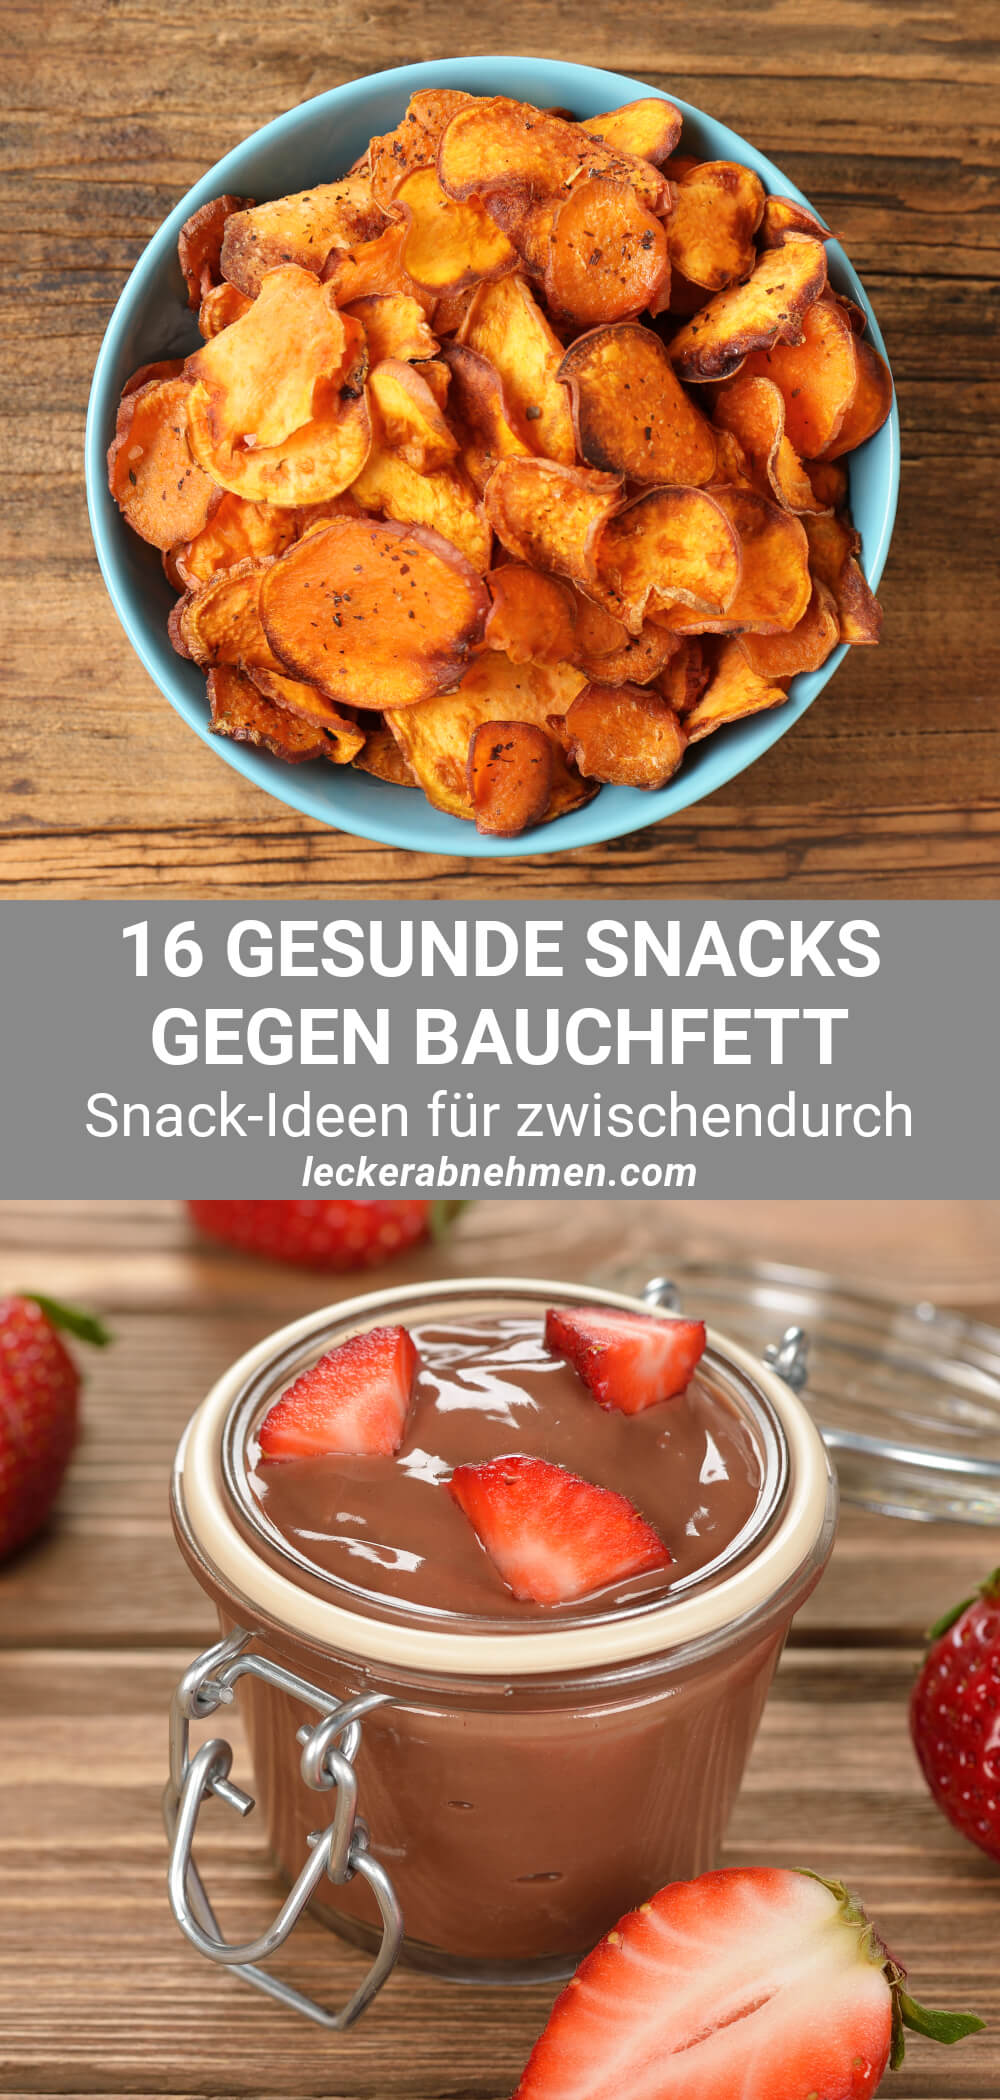 Gesunde Snacks gegen Bauchfett